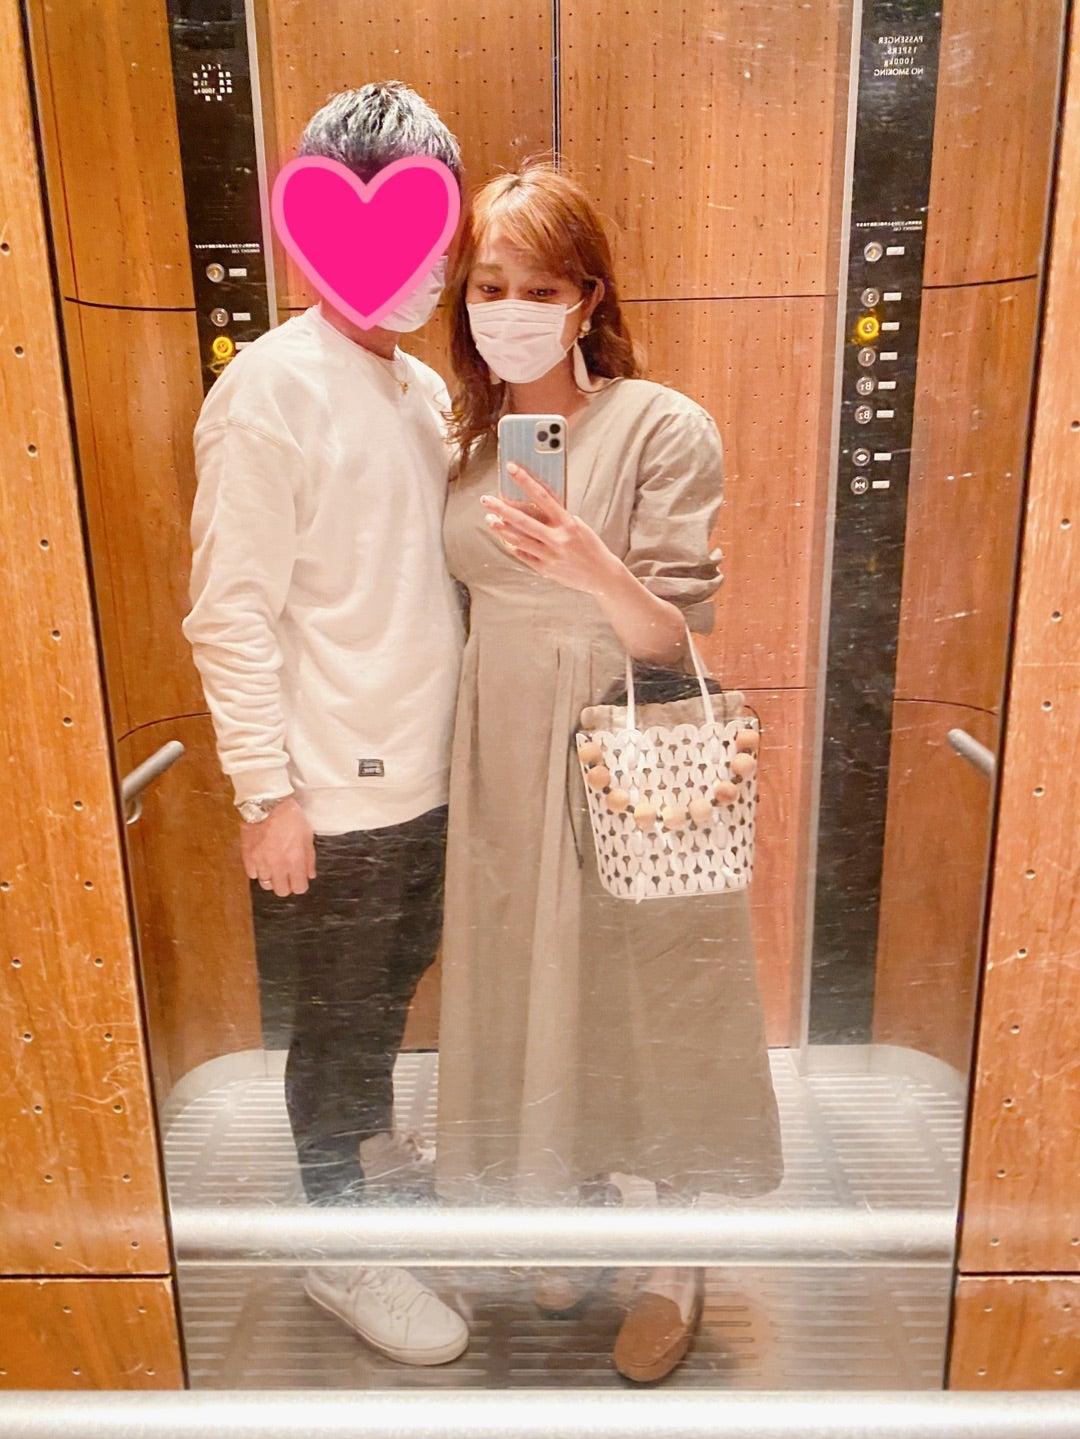 菊地 亜美 妊娠 ブログ 着圧ソックス 菊地亜美オフィシャルブログ「Ami's